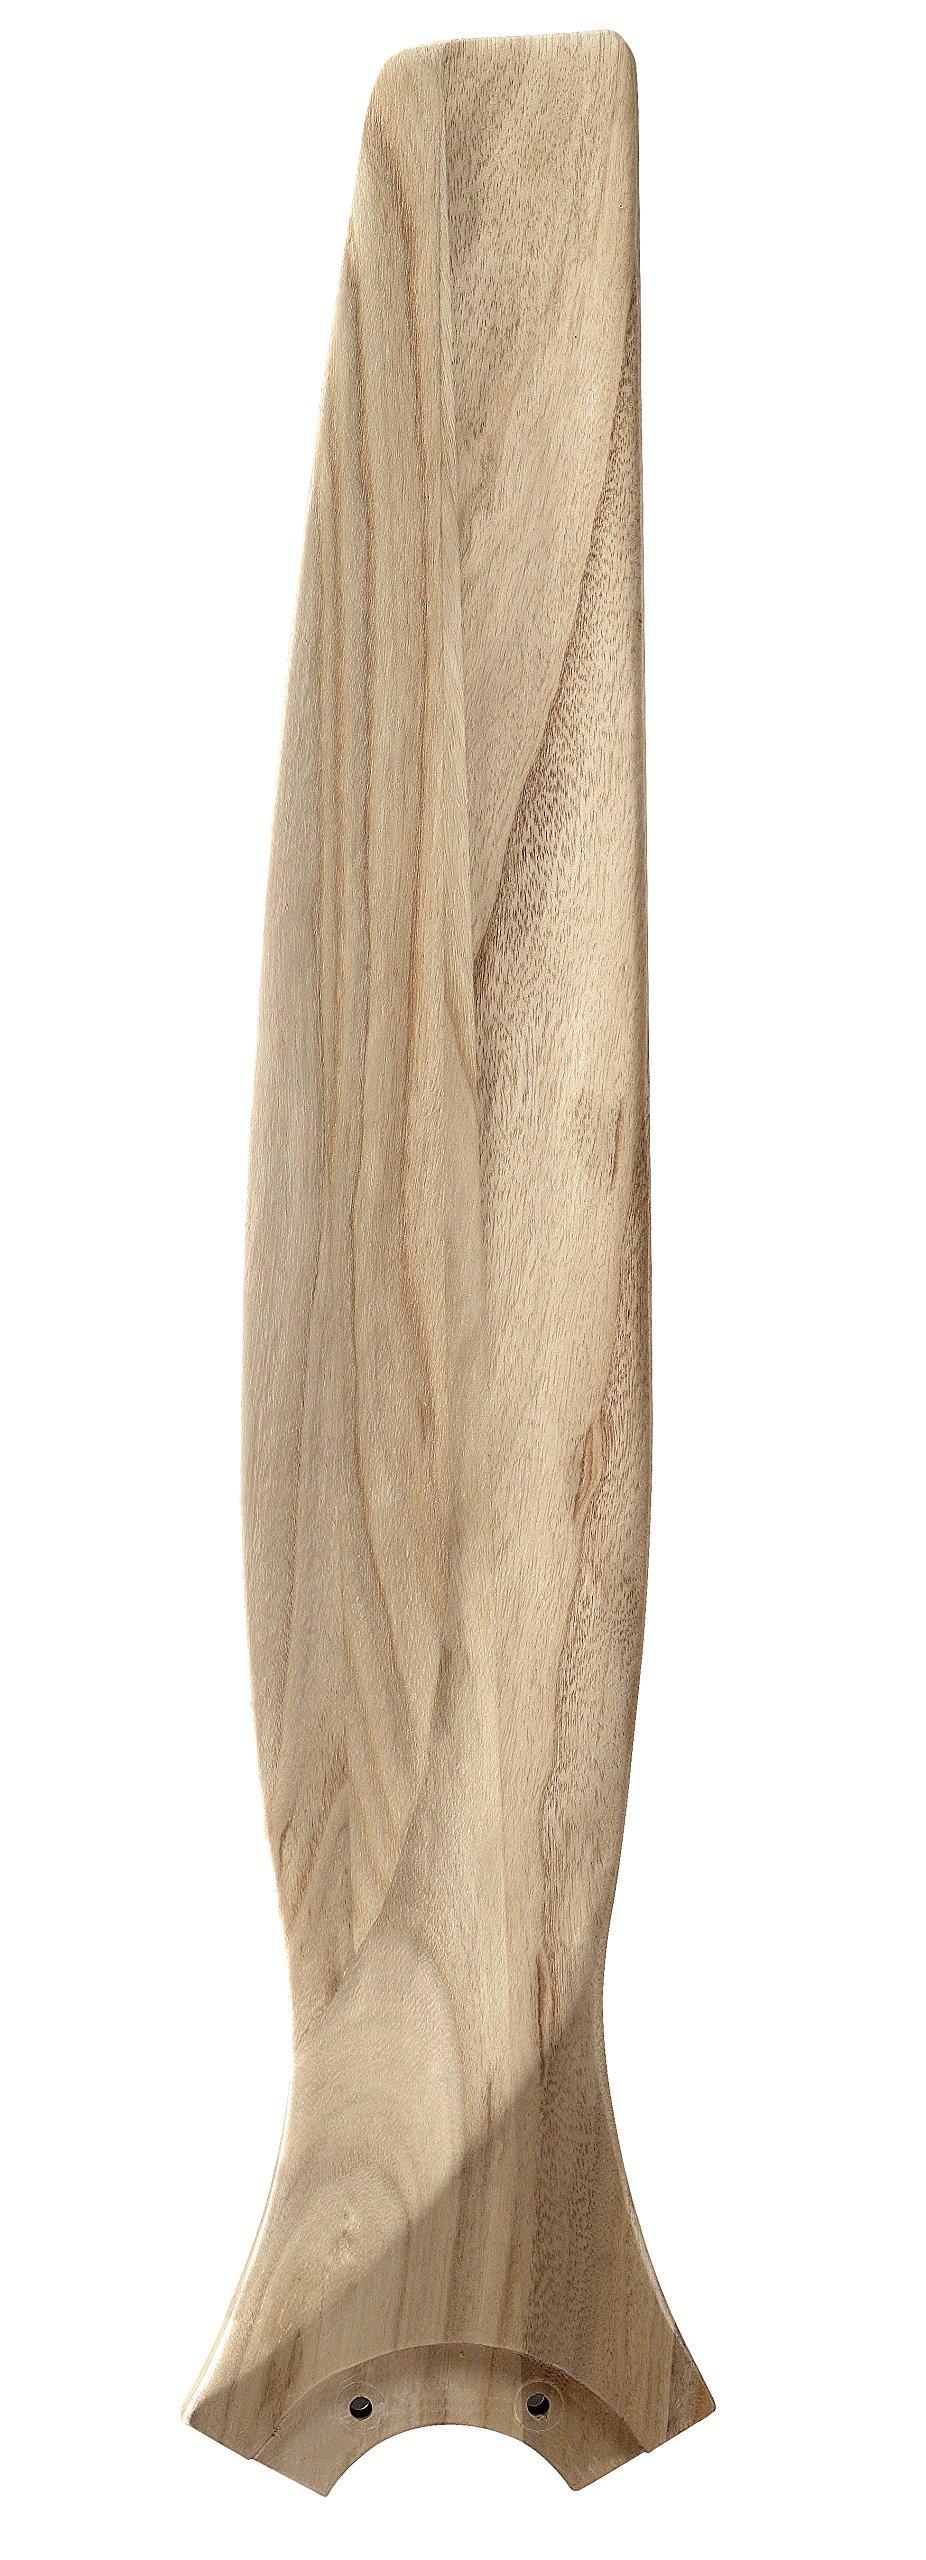 Fanimation B6720N Spitfire 30'' Carved Wood Blade Set of 3, Natural